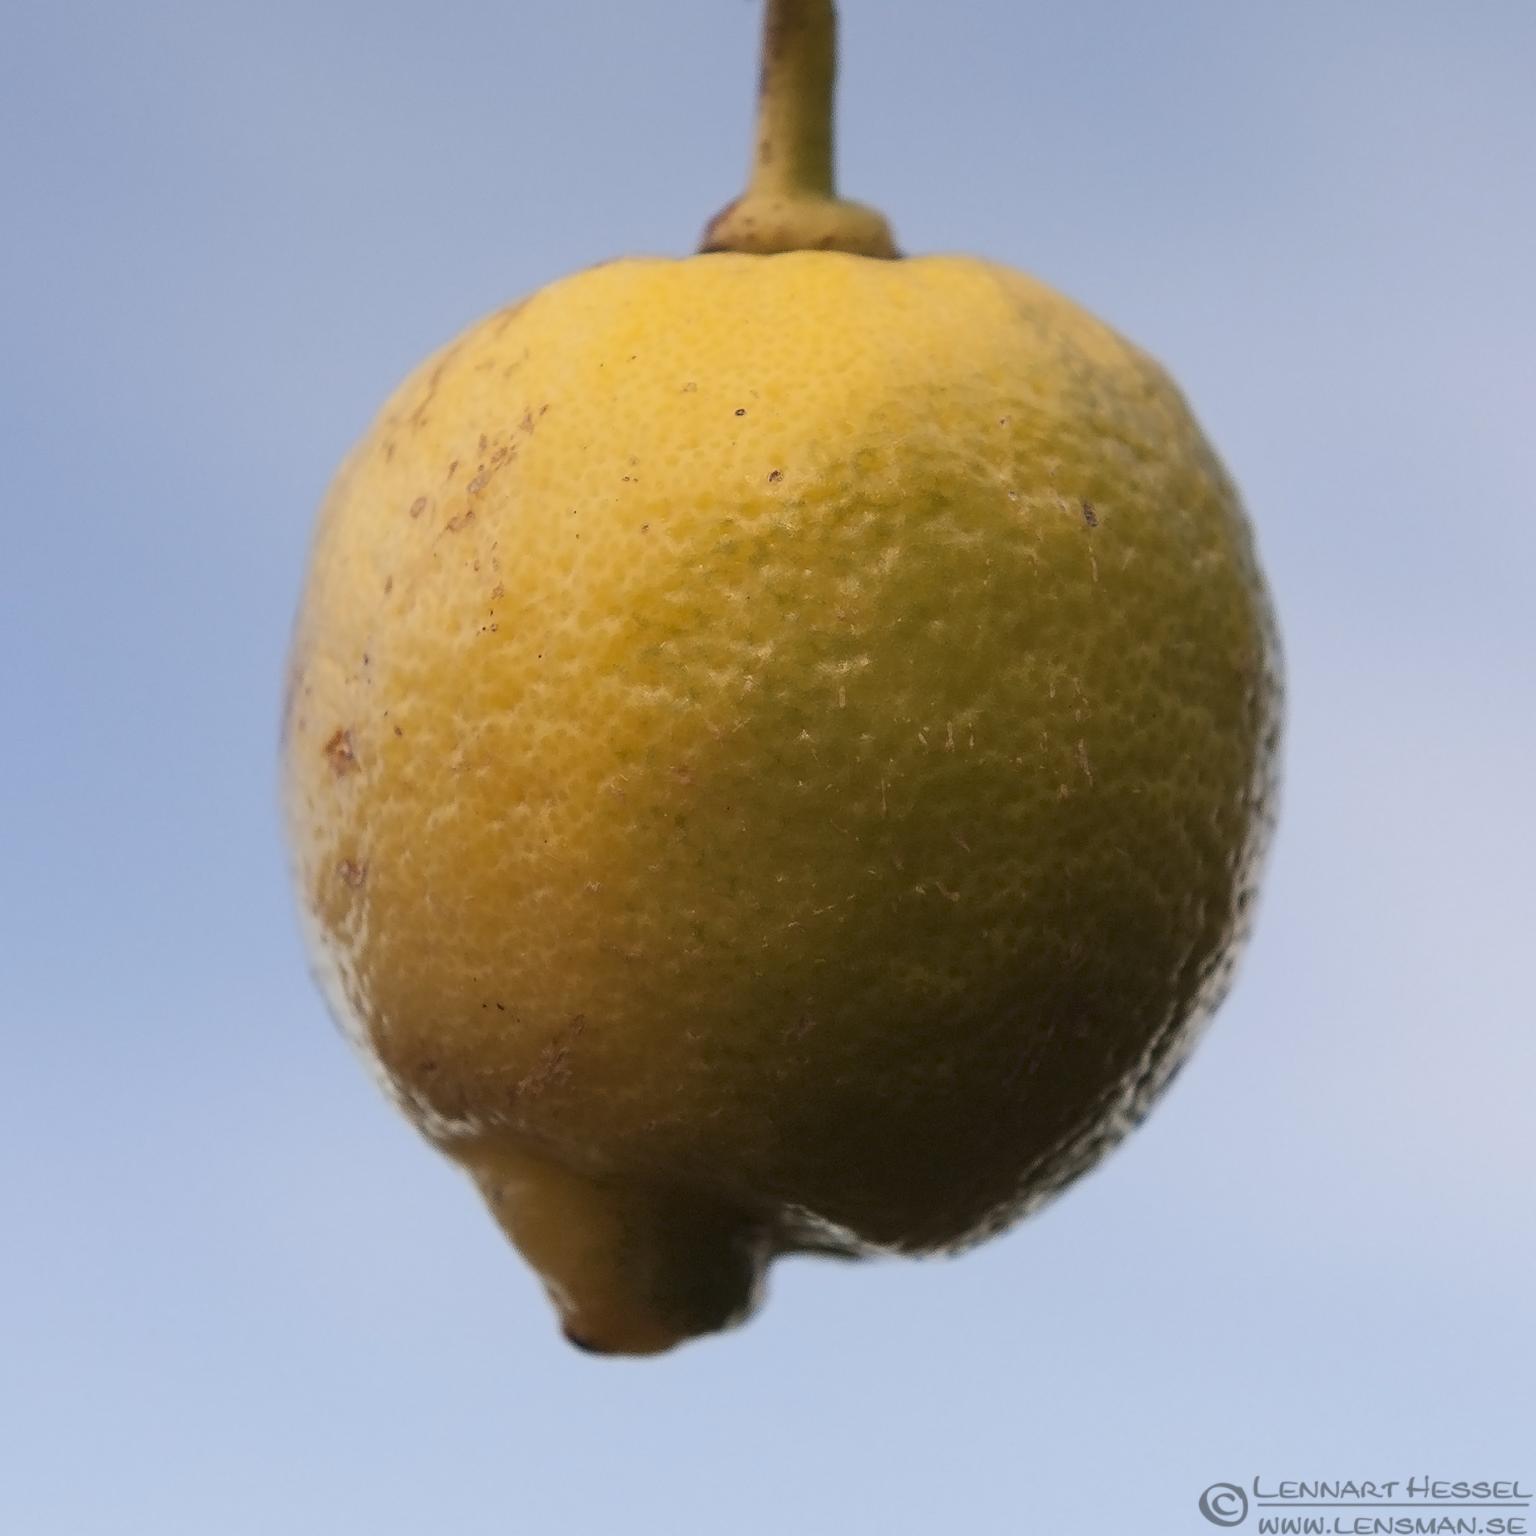 Lemon Australi